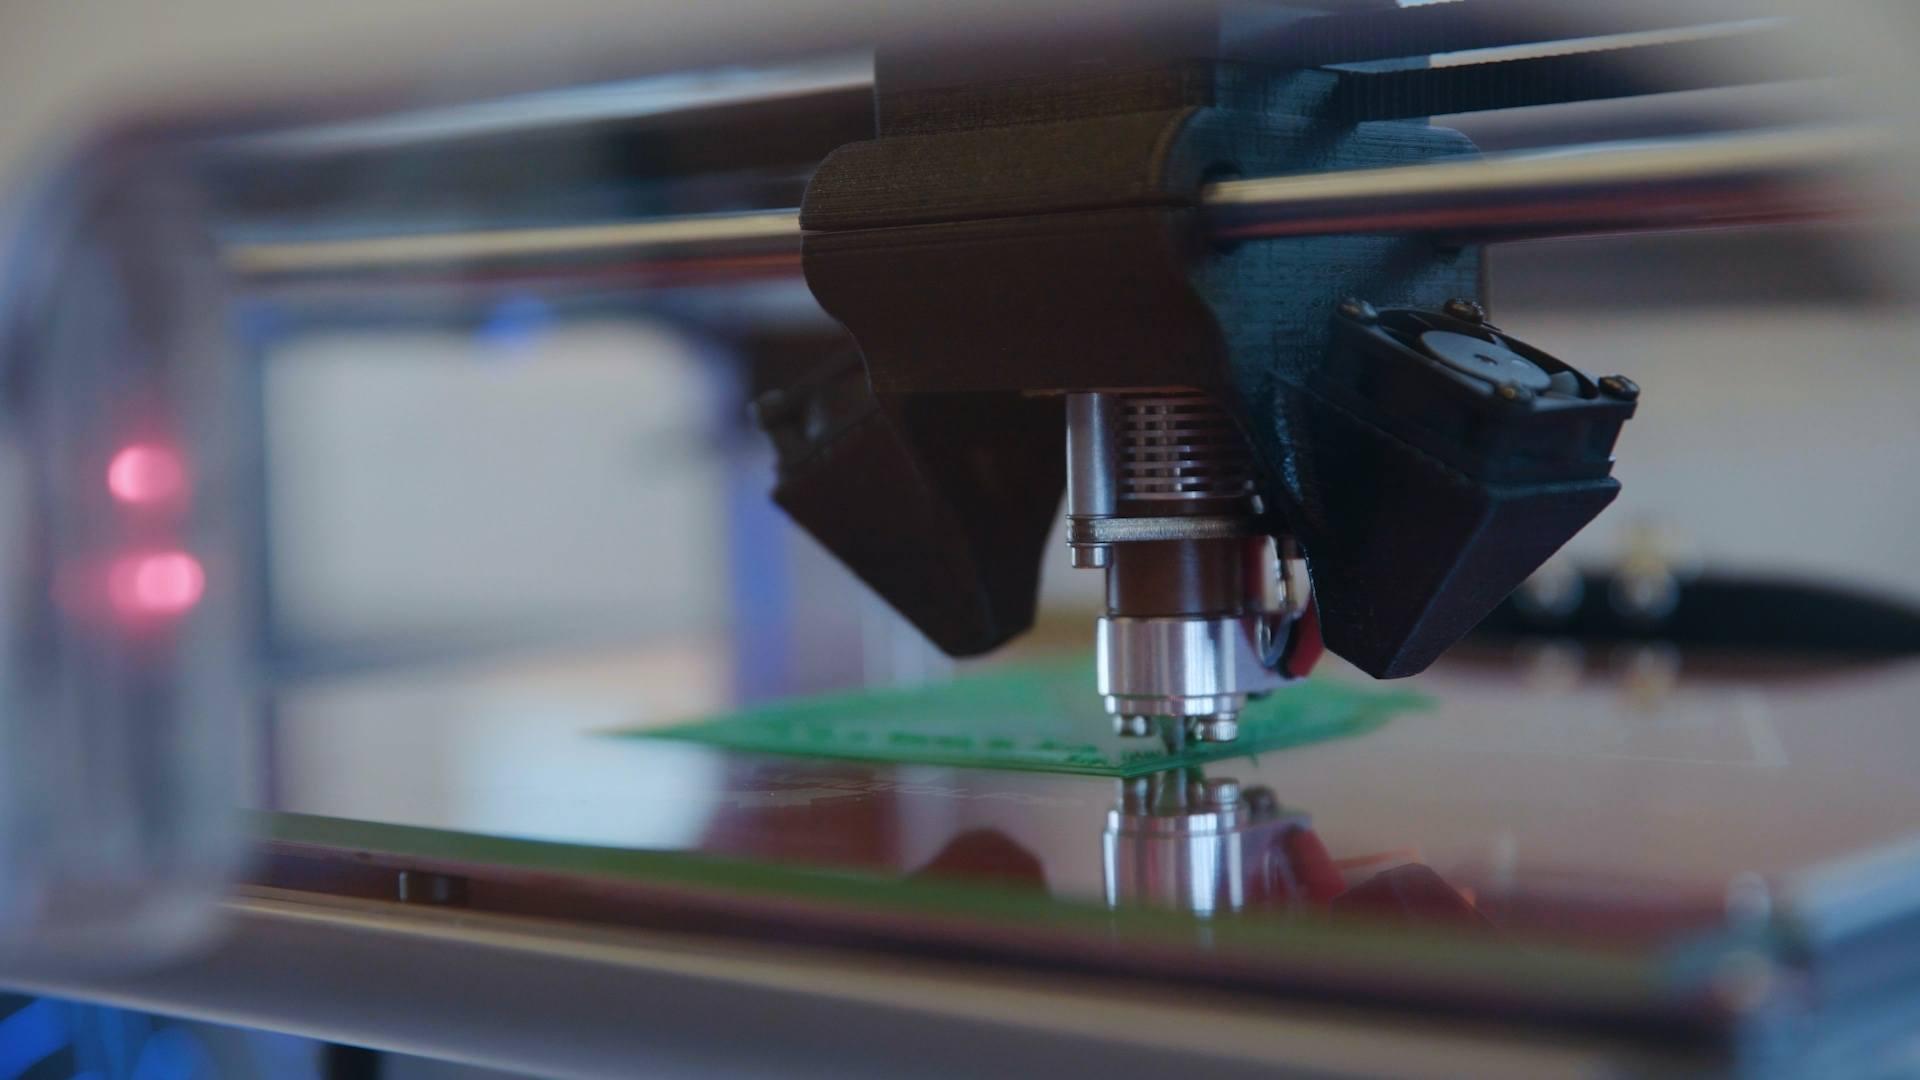 3D printer zoomed in